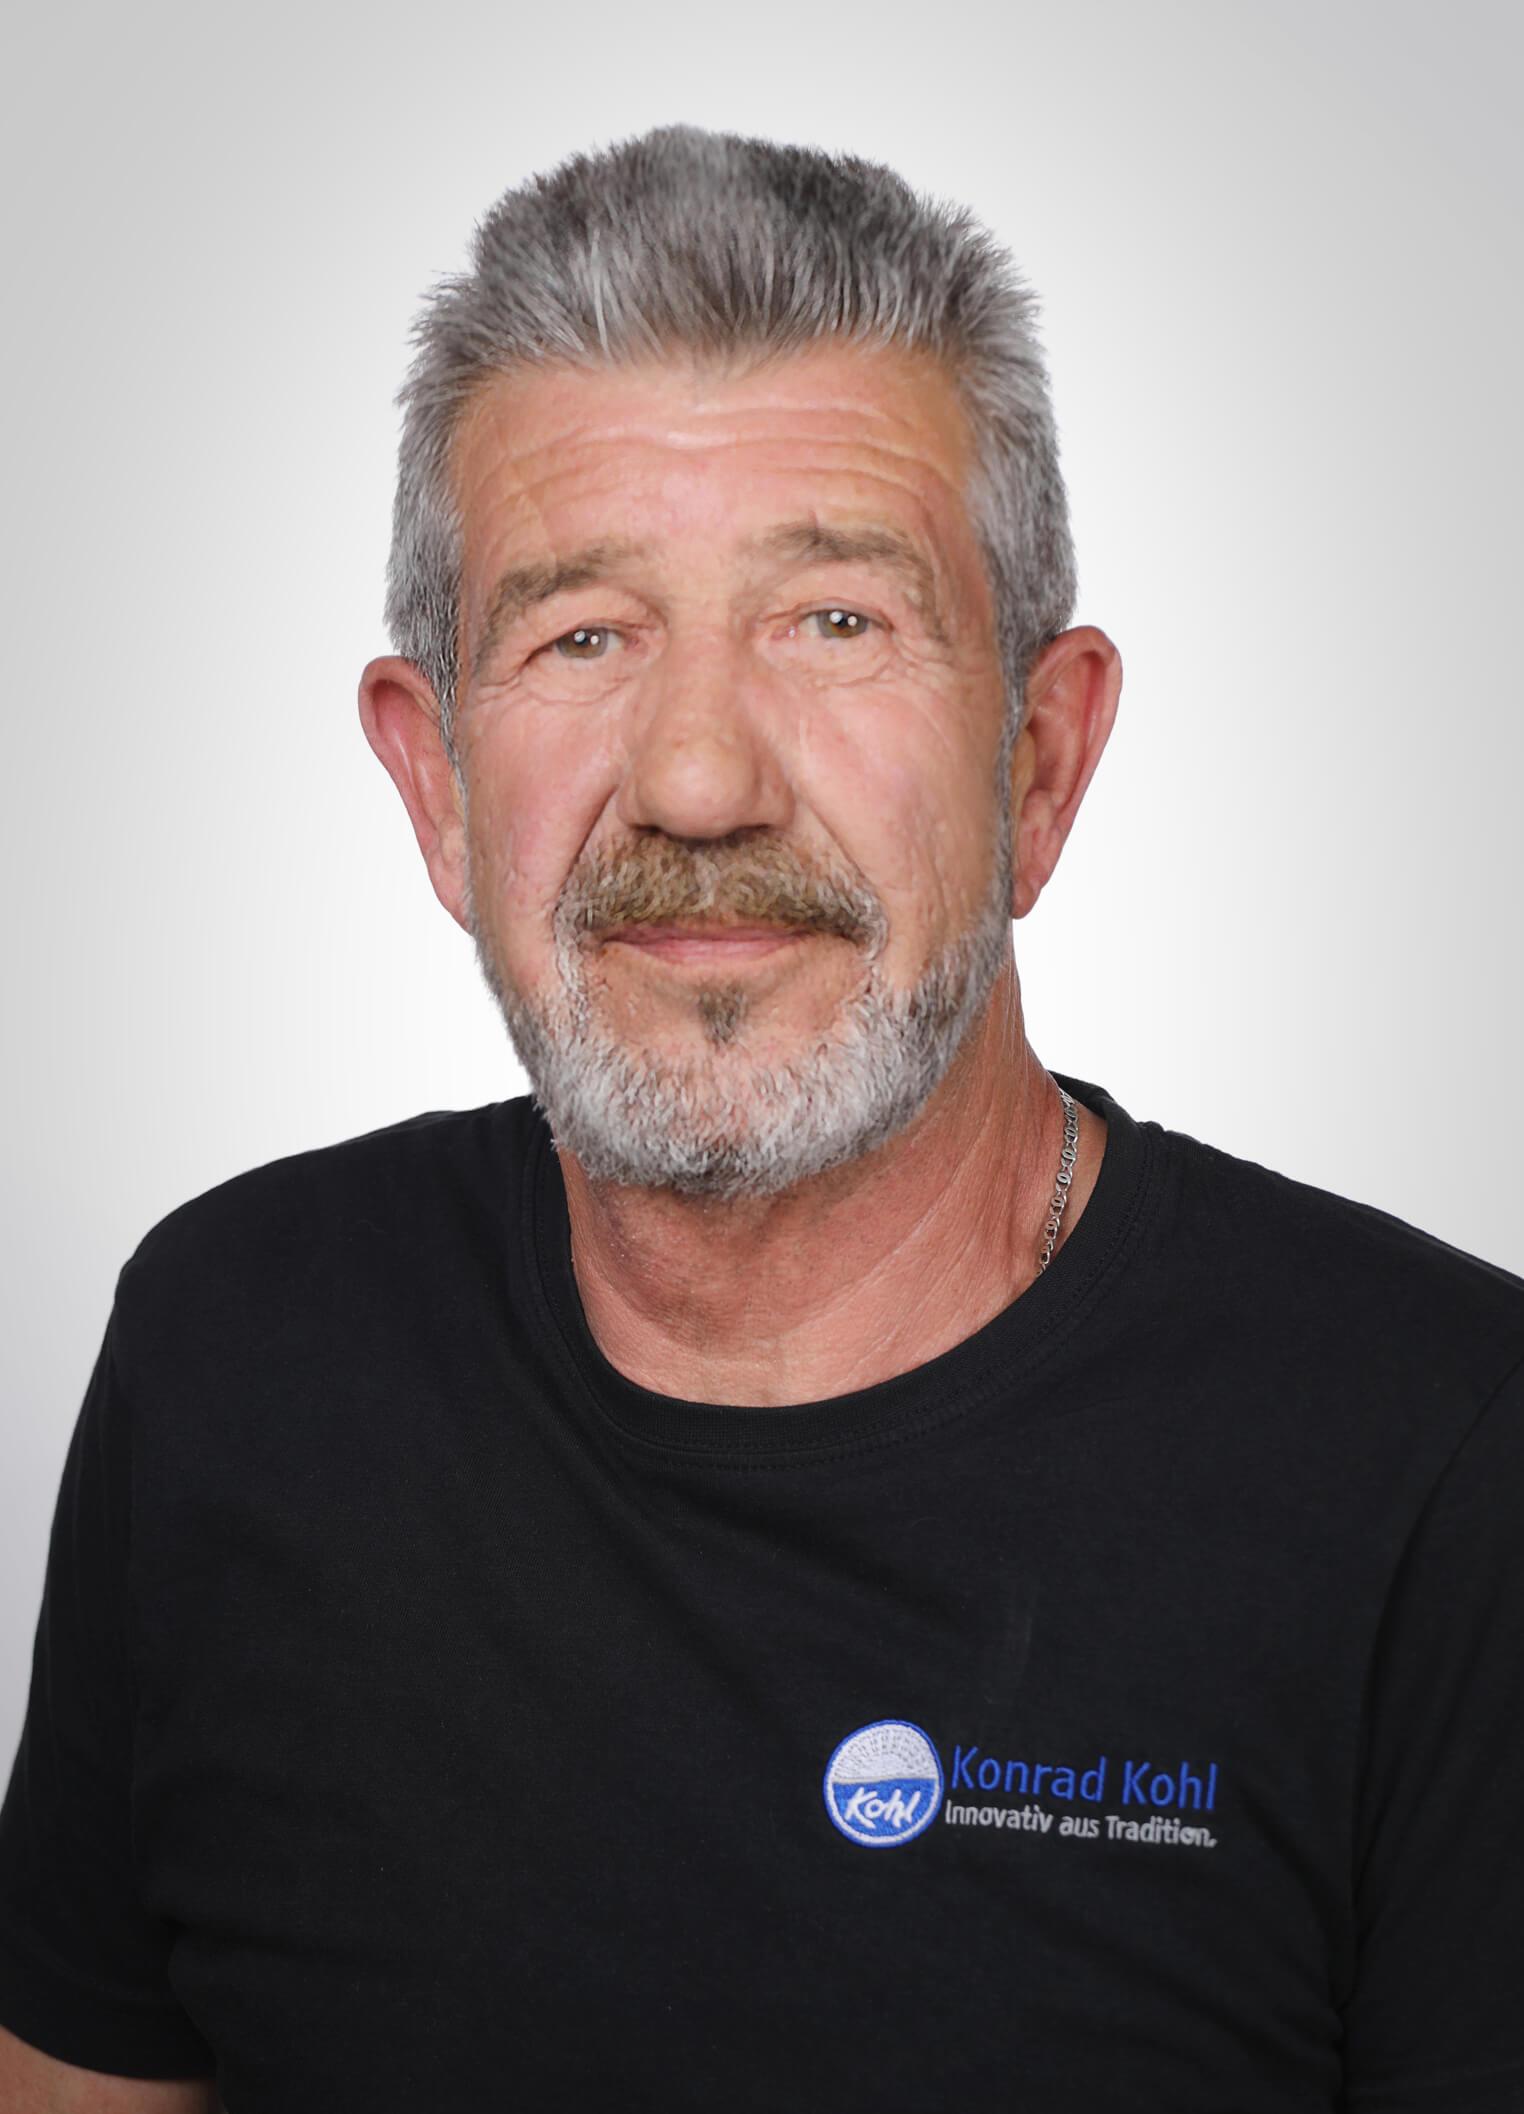 Herr Kletti